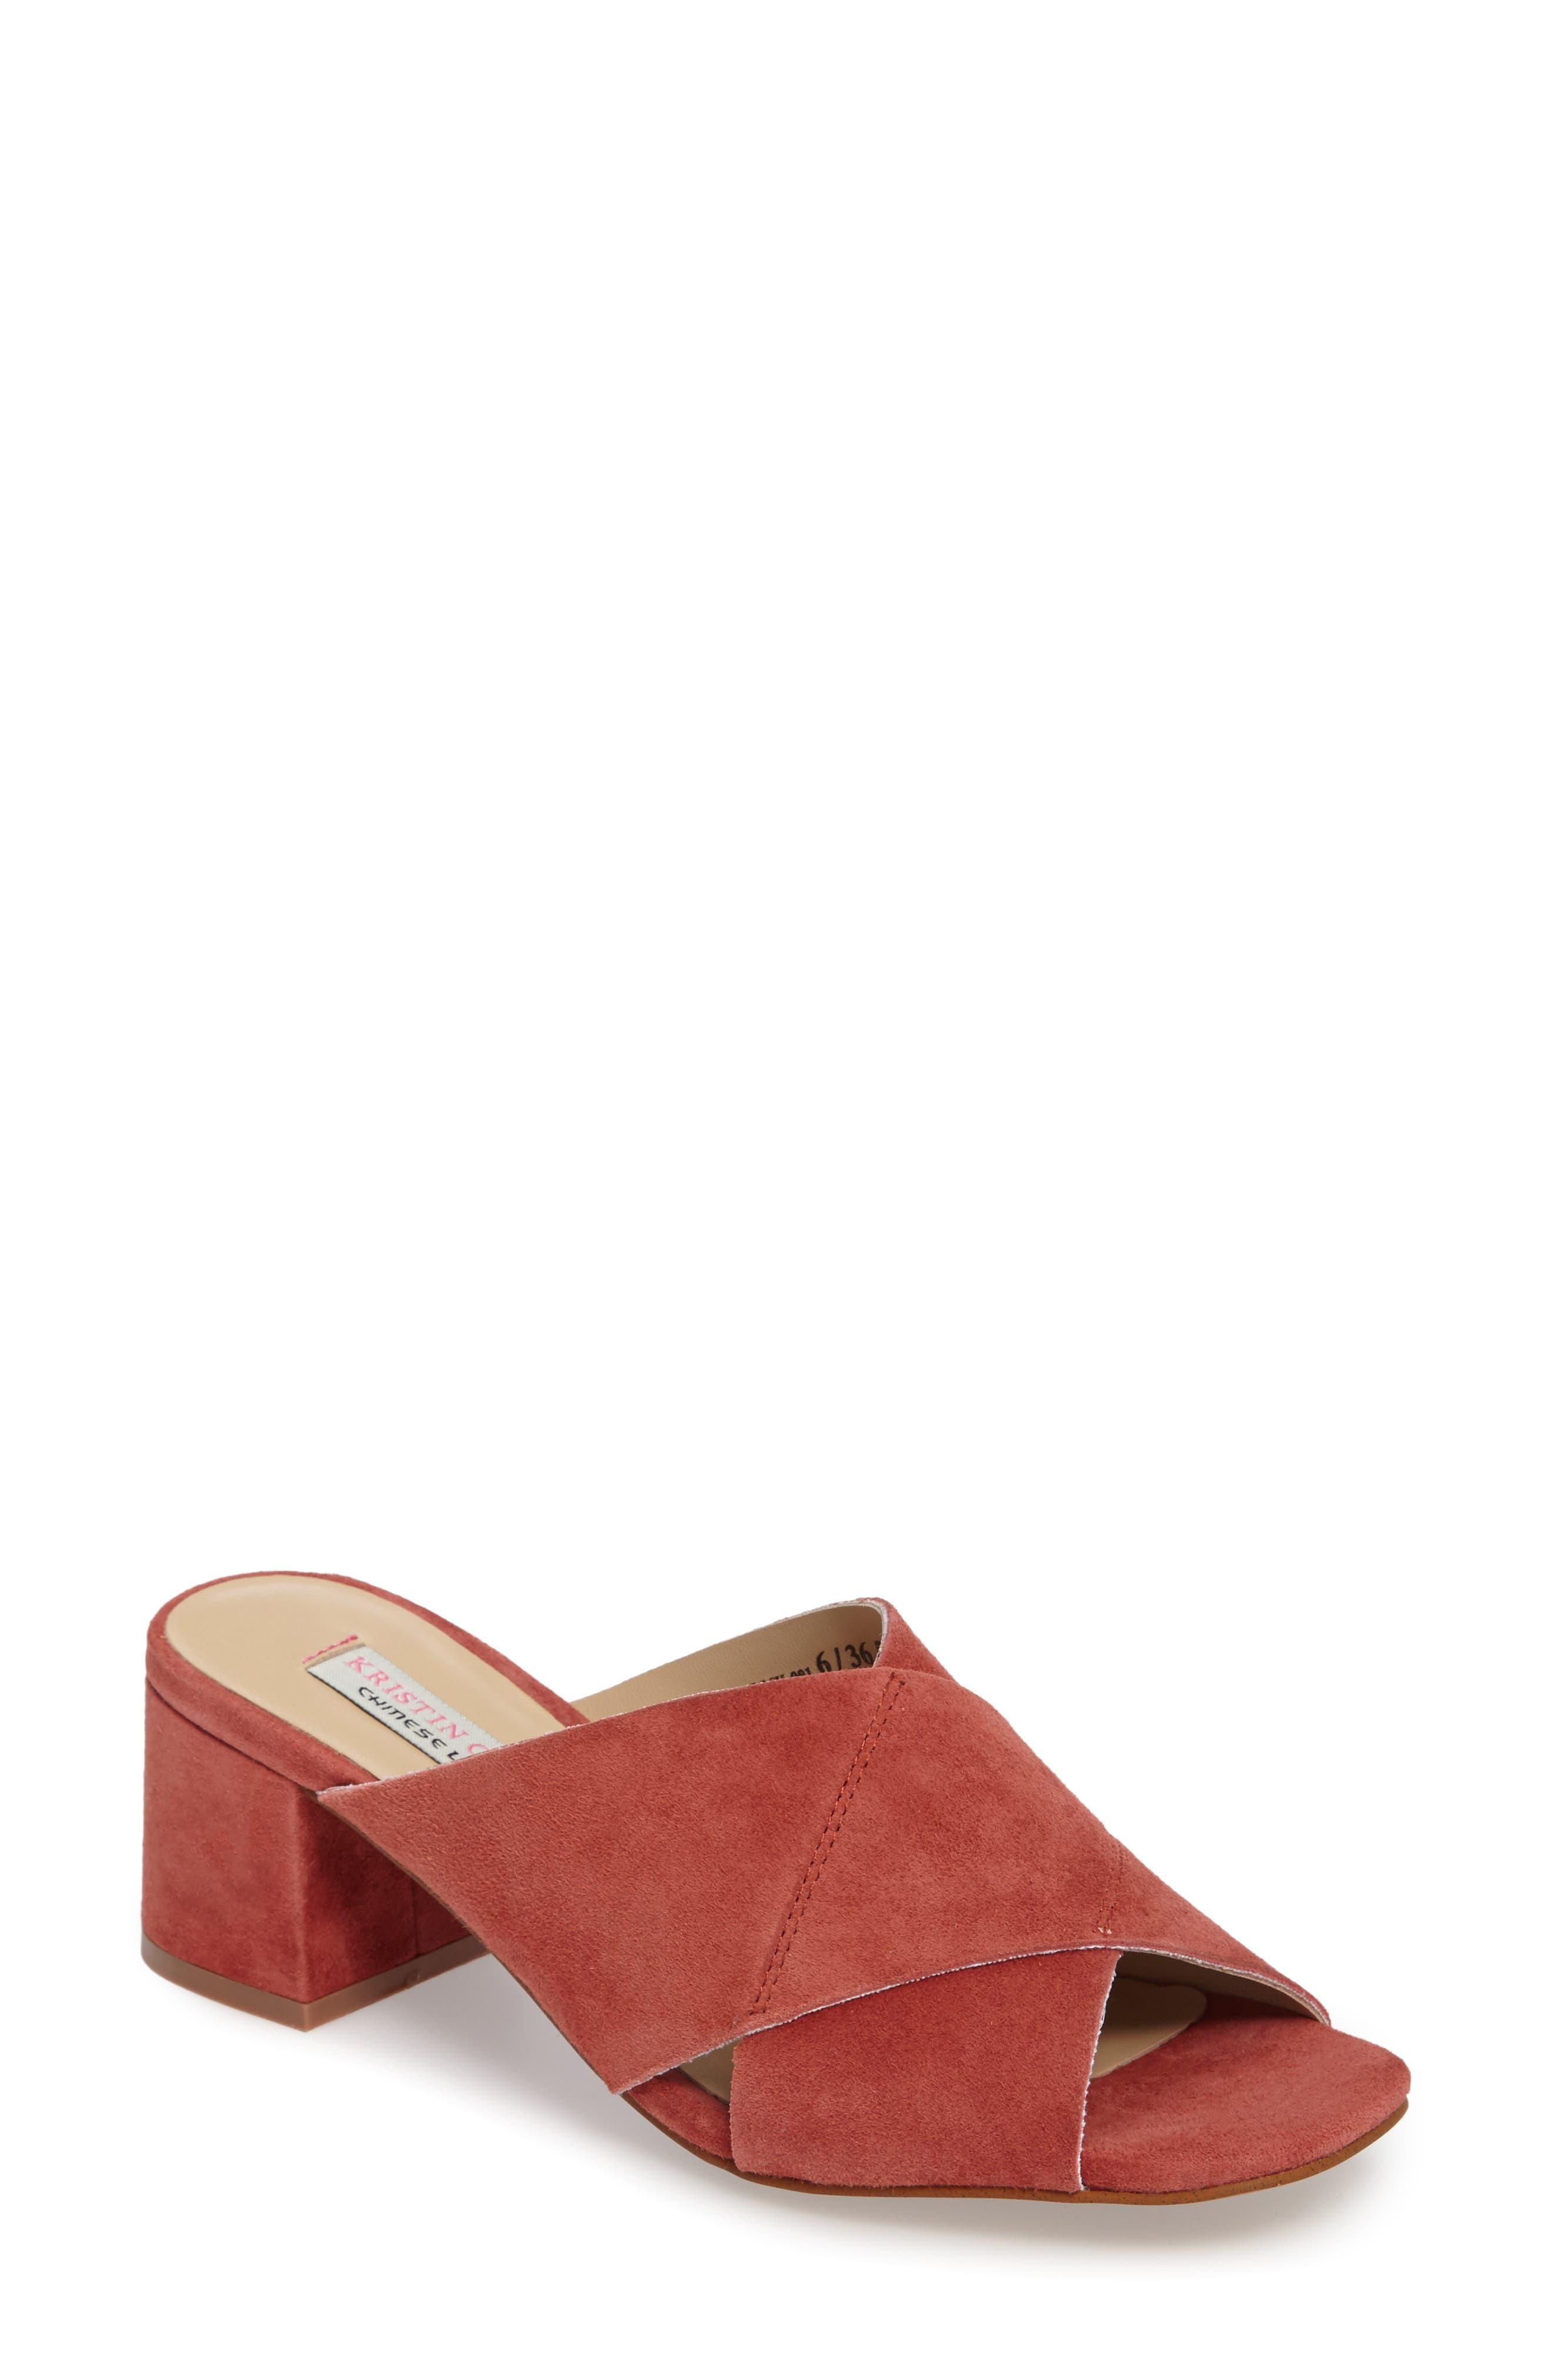 Kristin Cavallari Luvvock Slide Sandal (Women)